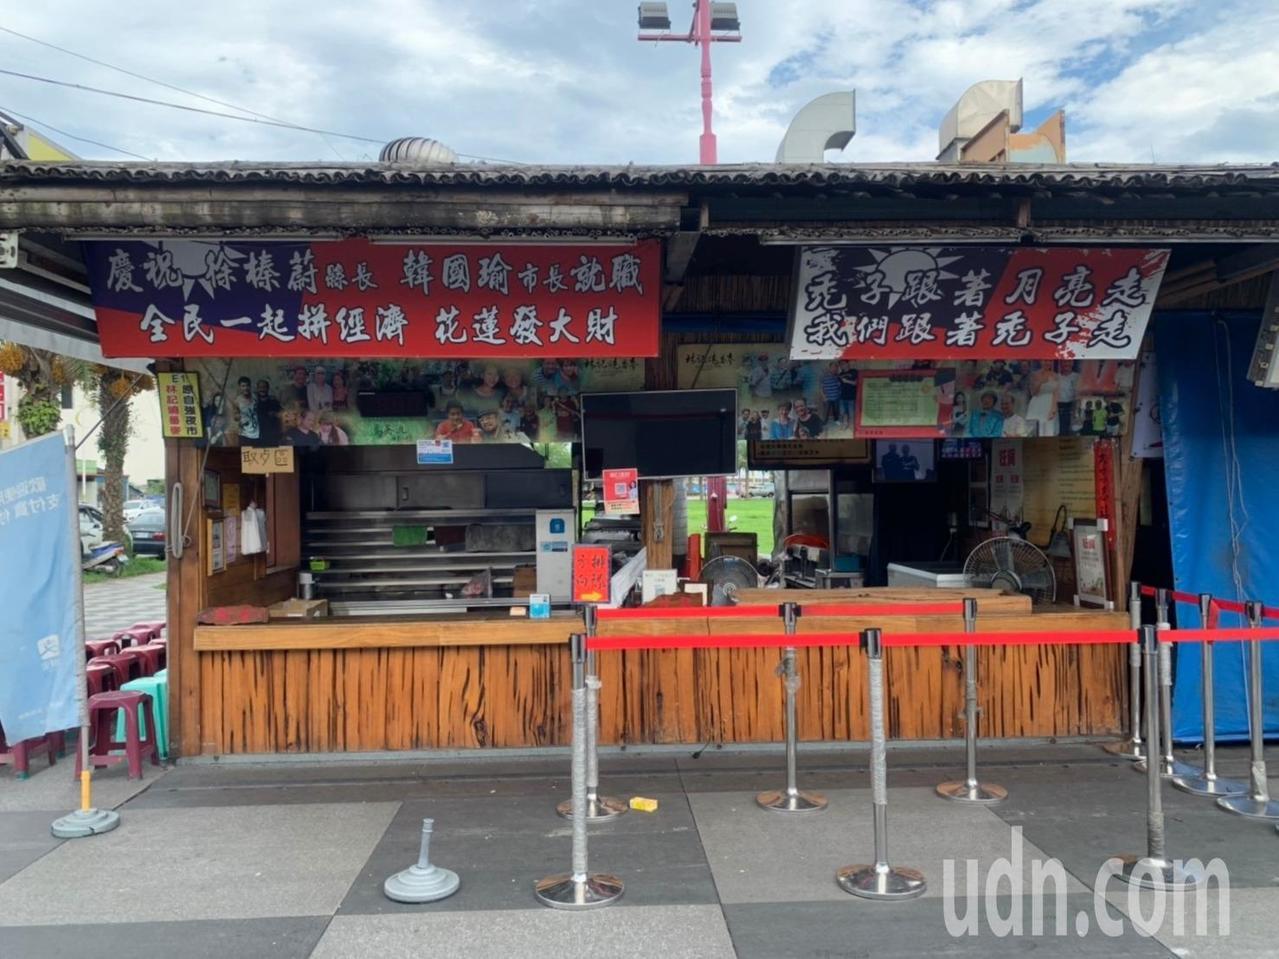 花蓮東大門夜市有業者掛上支持韓國瑜布條。記者王思慧/攝影